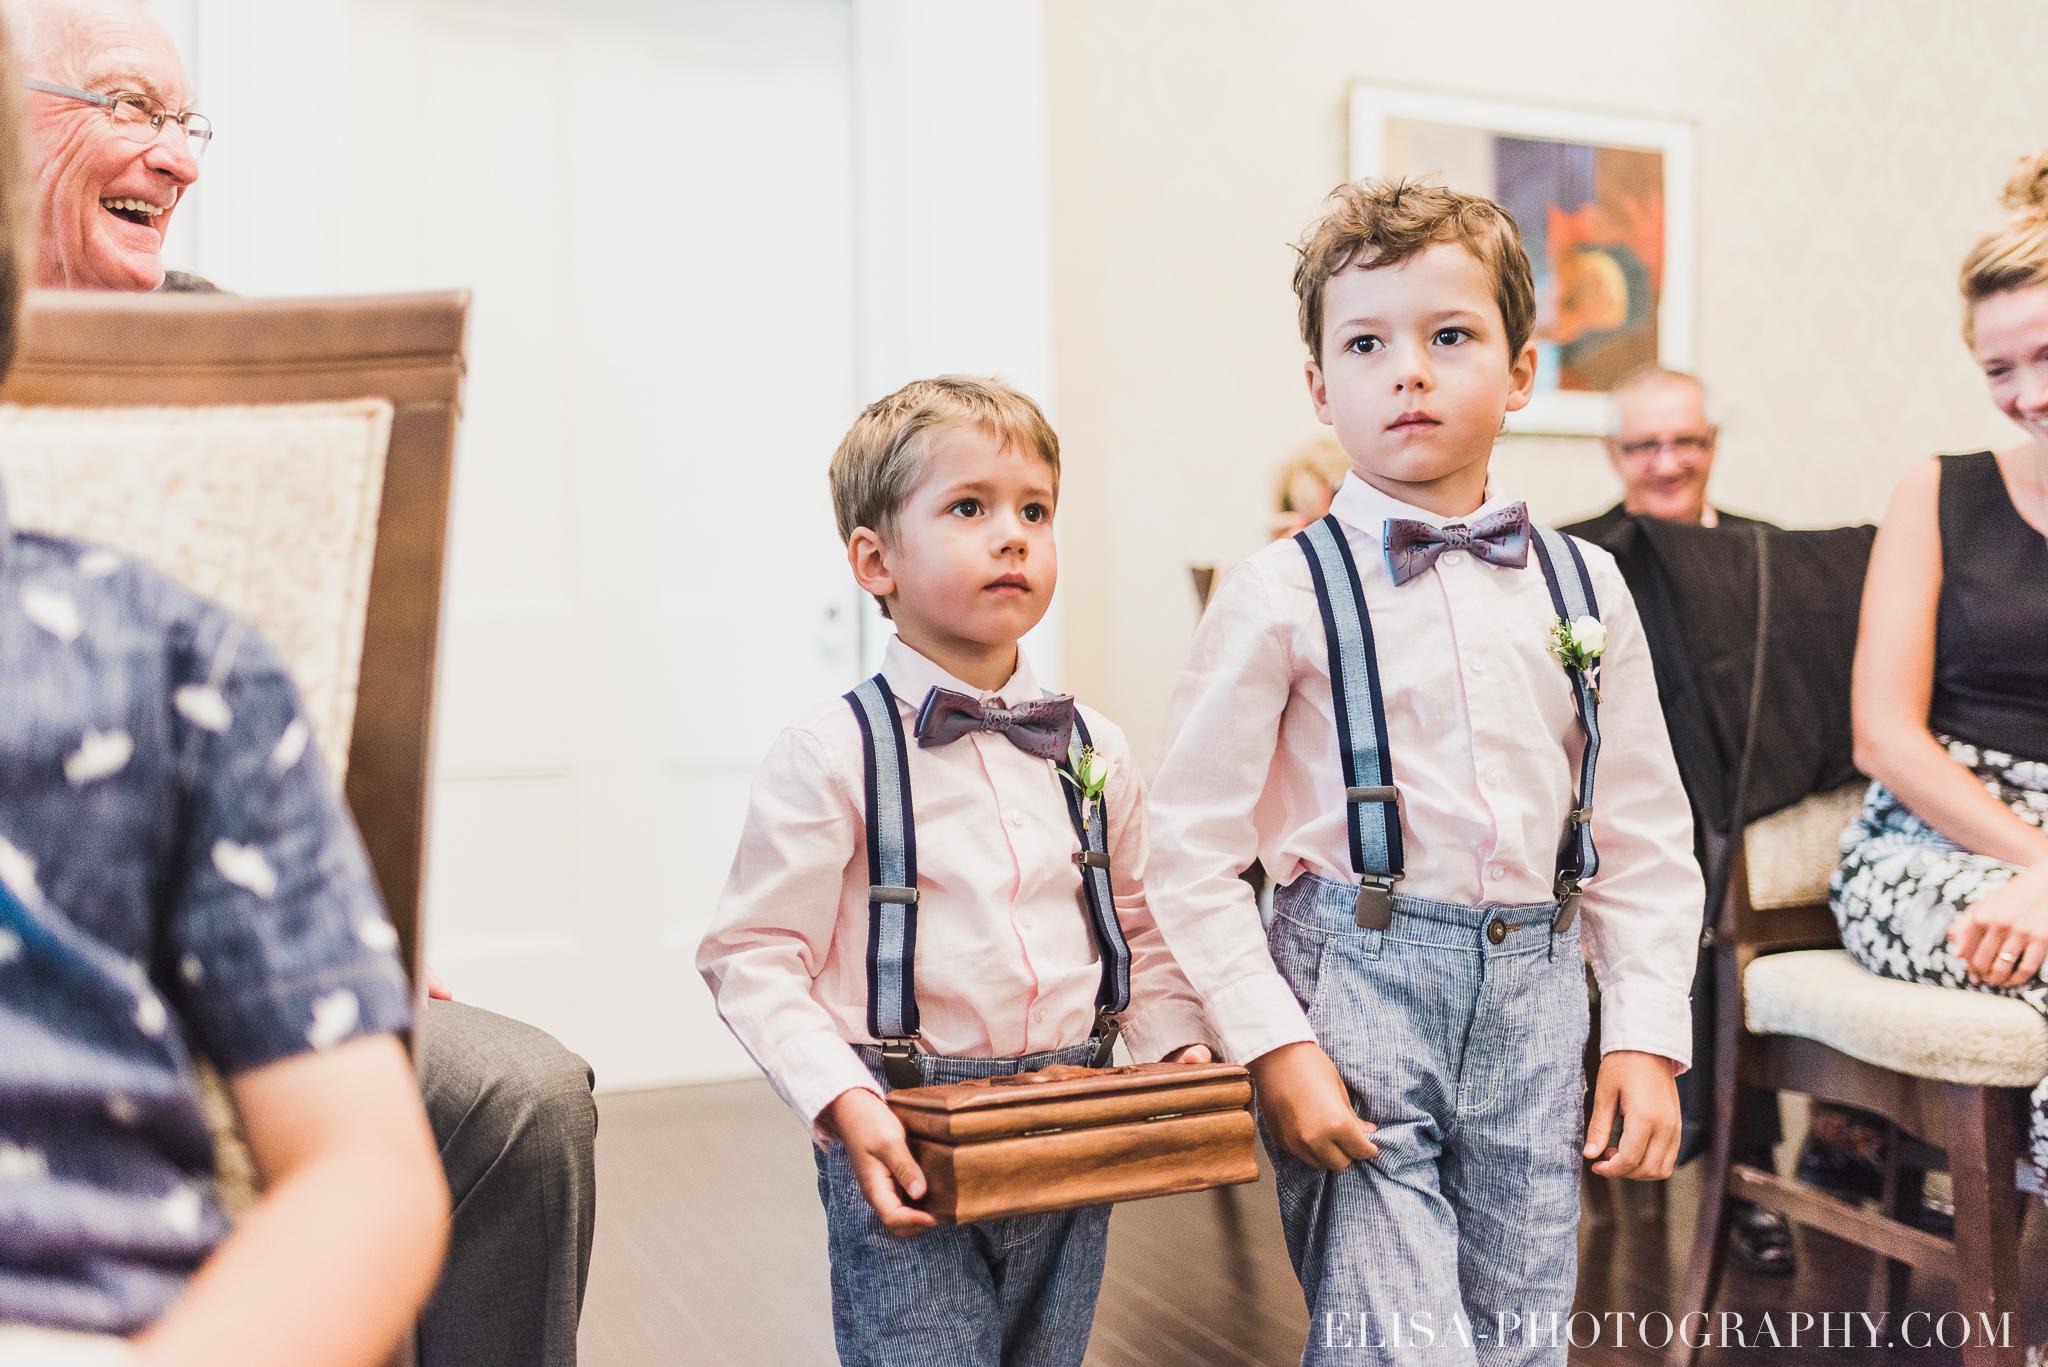 photo mariage domaine cataraqui wedding echange bagues voeux salle ceremonie 2210 - Mariage d'inspiration anglaise au domaine Cataraqui